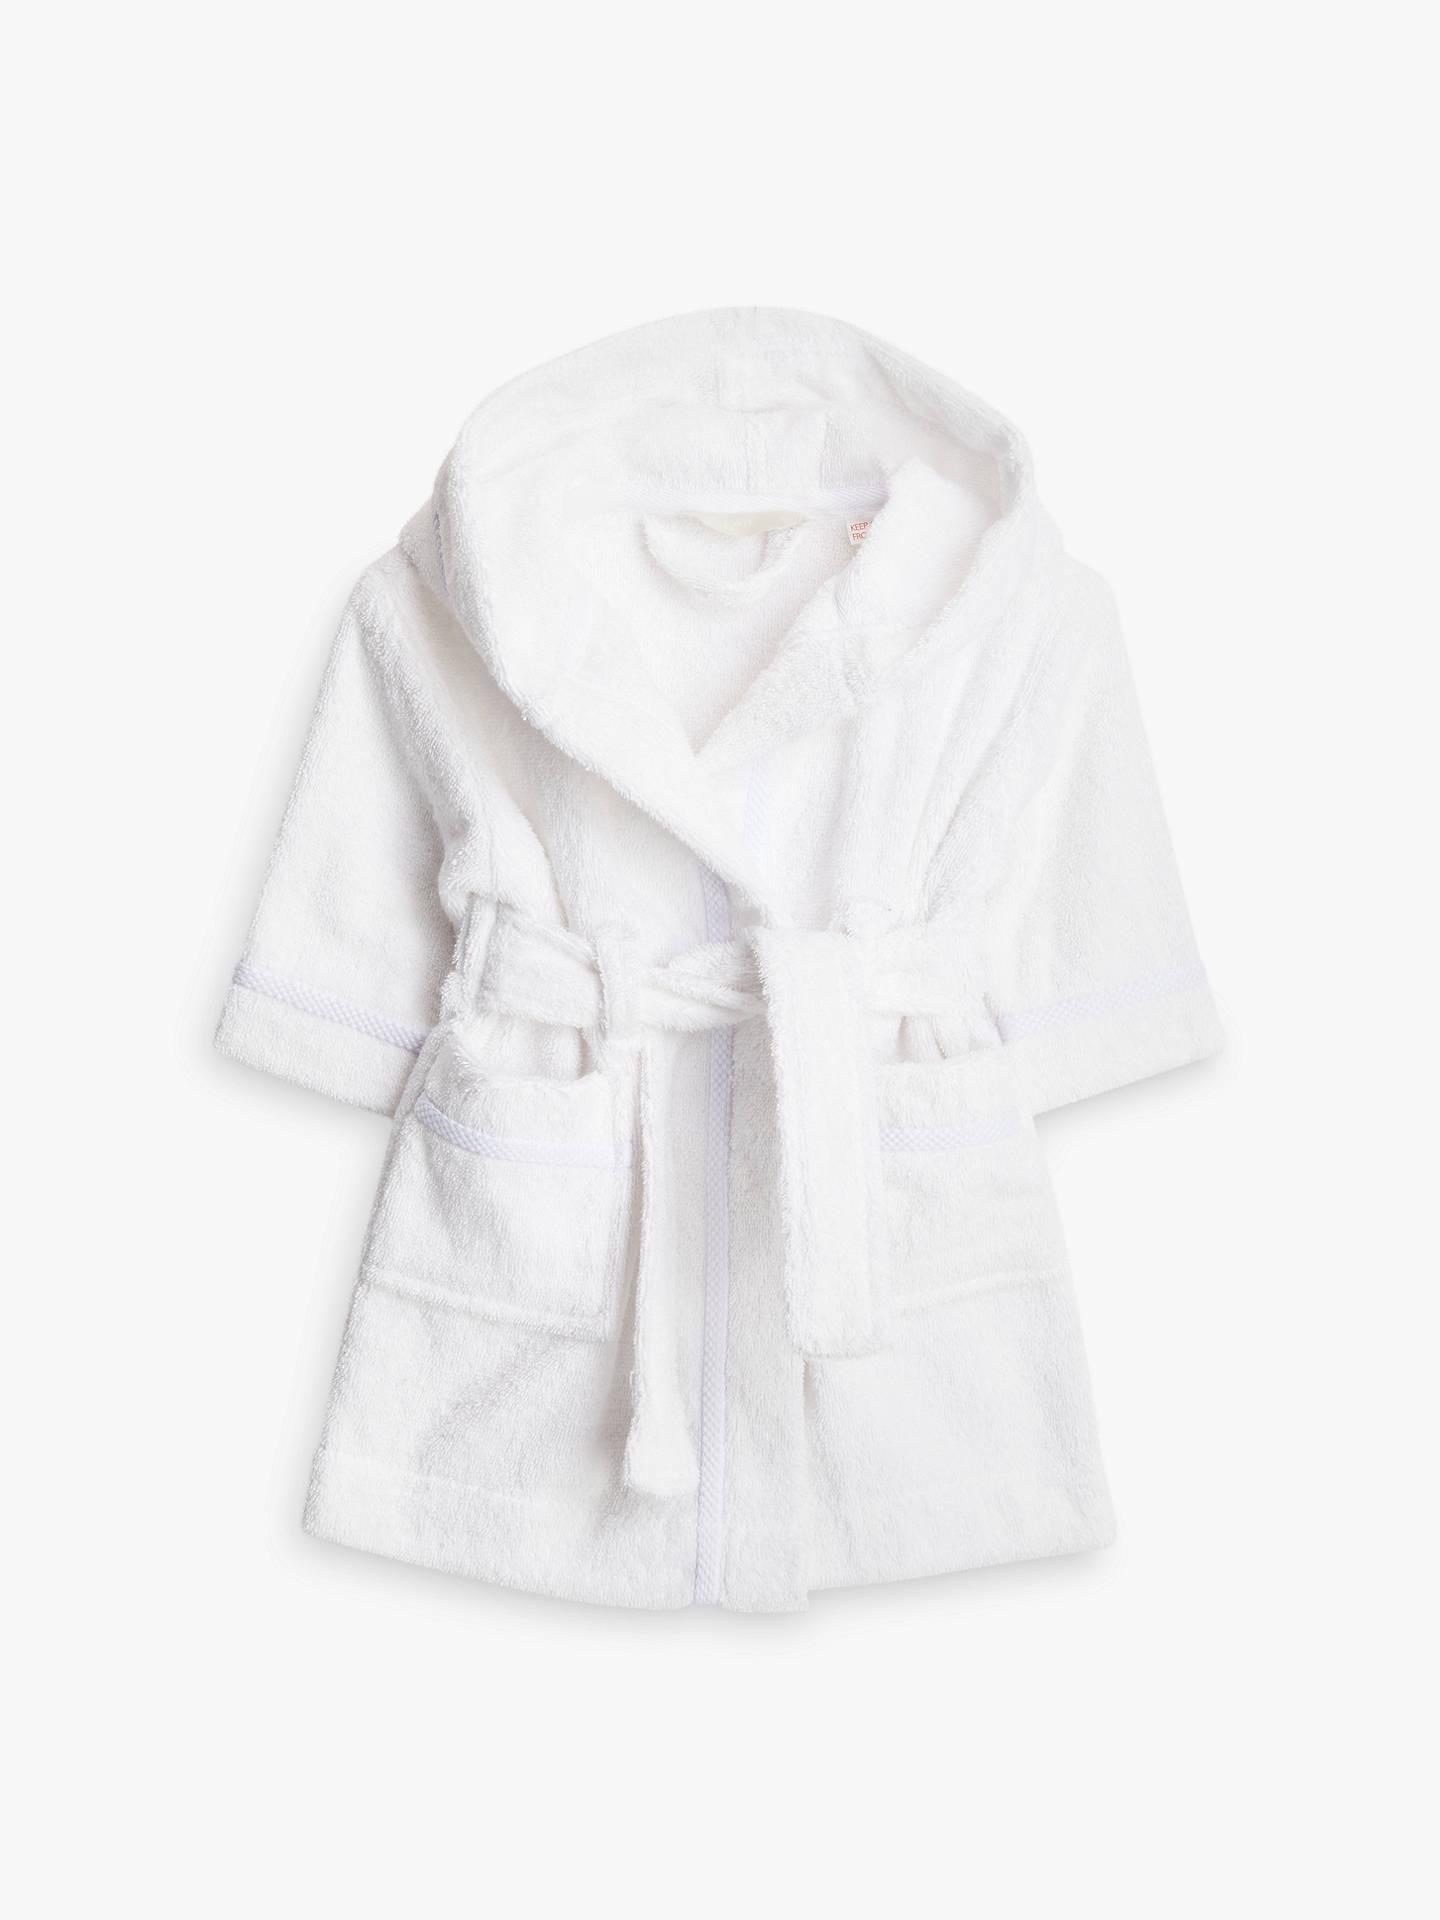 John Lewis Partners Baby Towelling Robe White At John Lewis